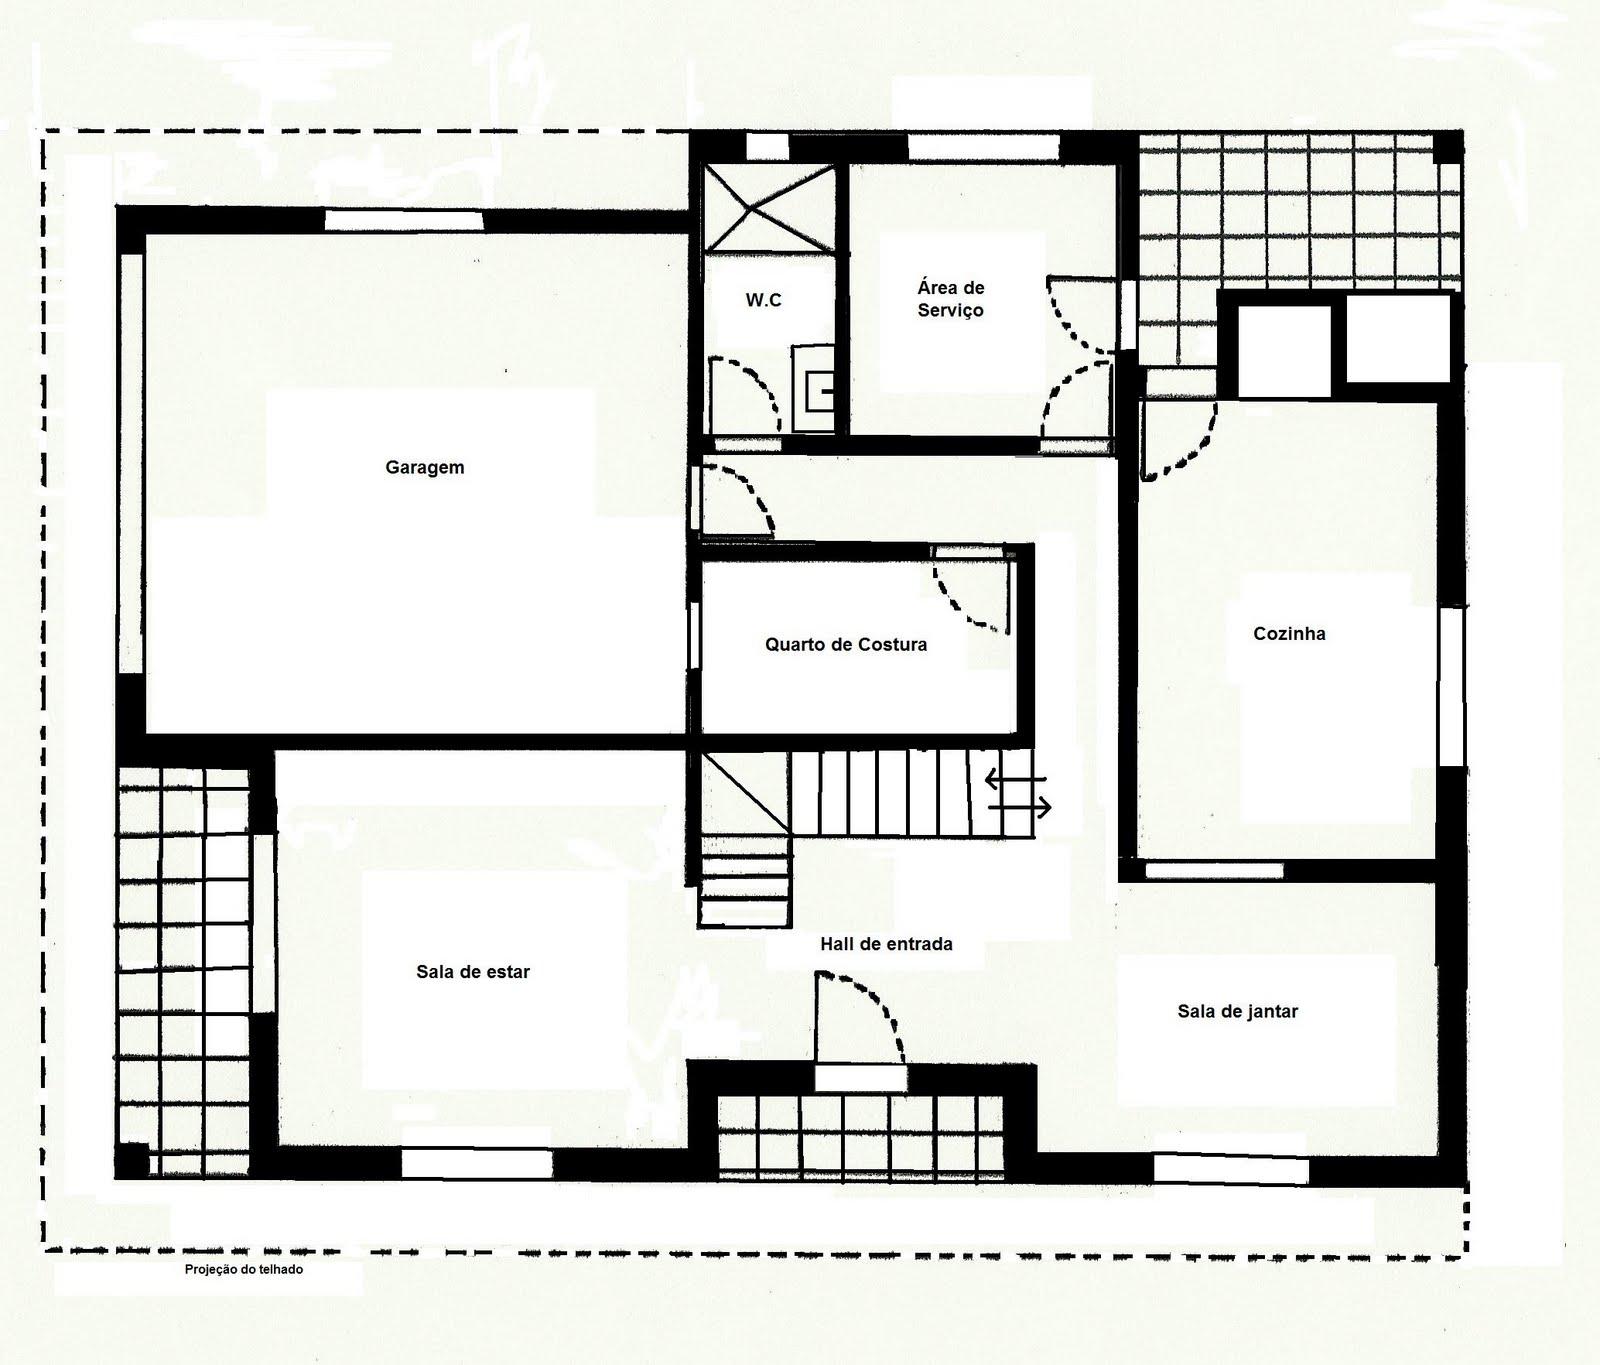 sala de jantar cozinha quarto de costura área de serviço e #748348 1600 1365